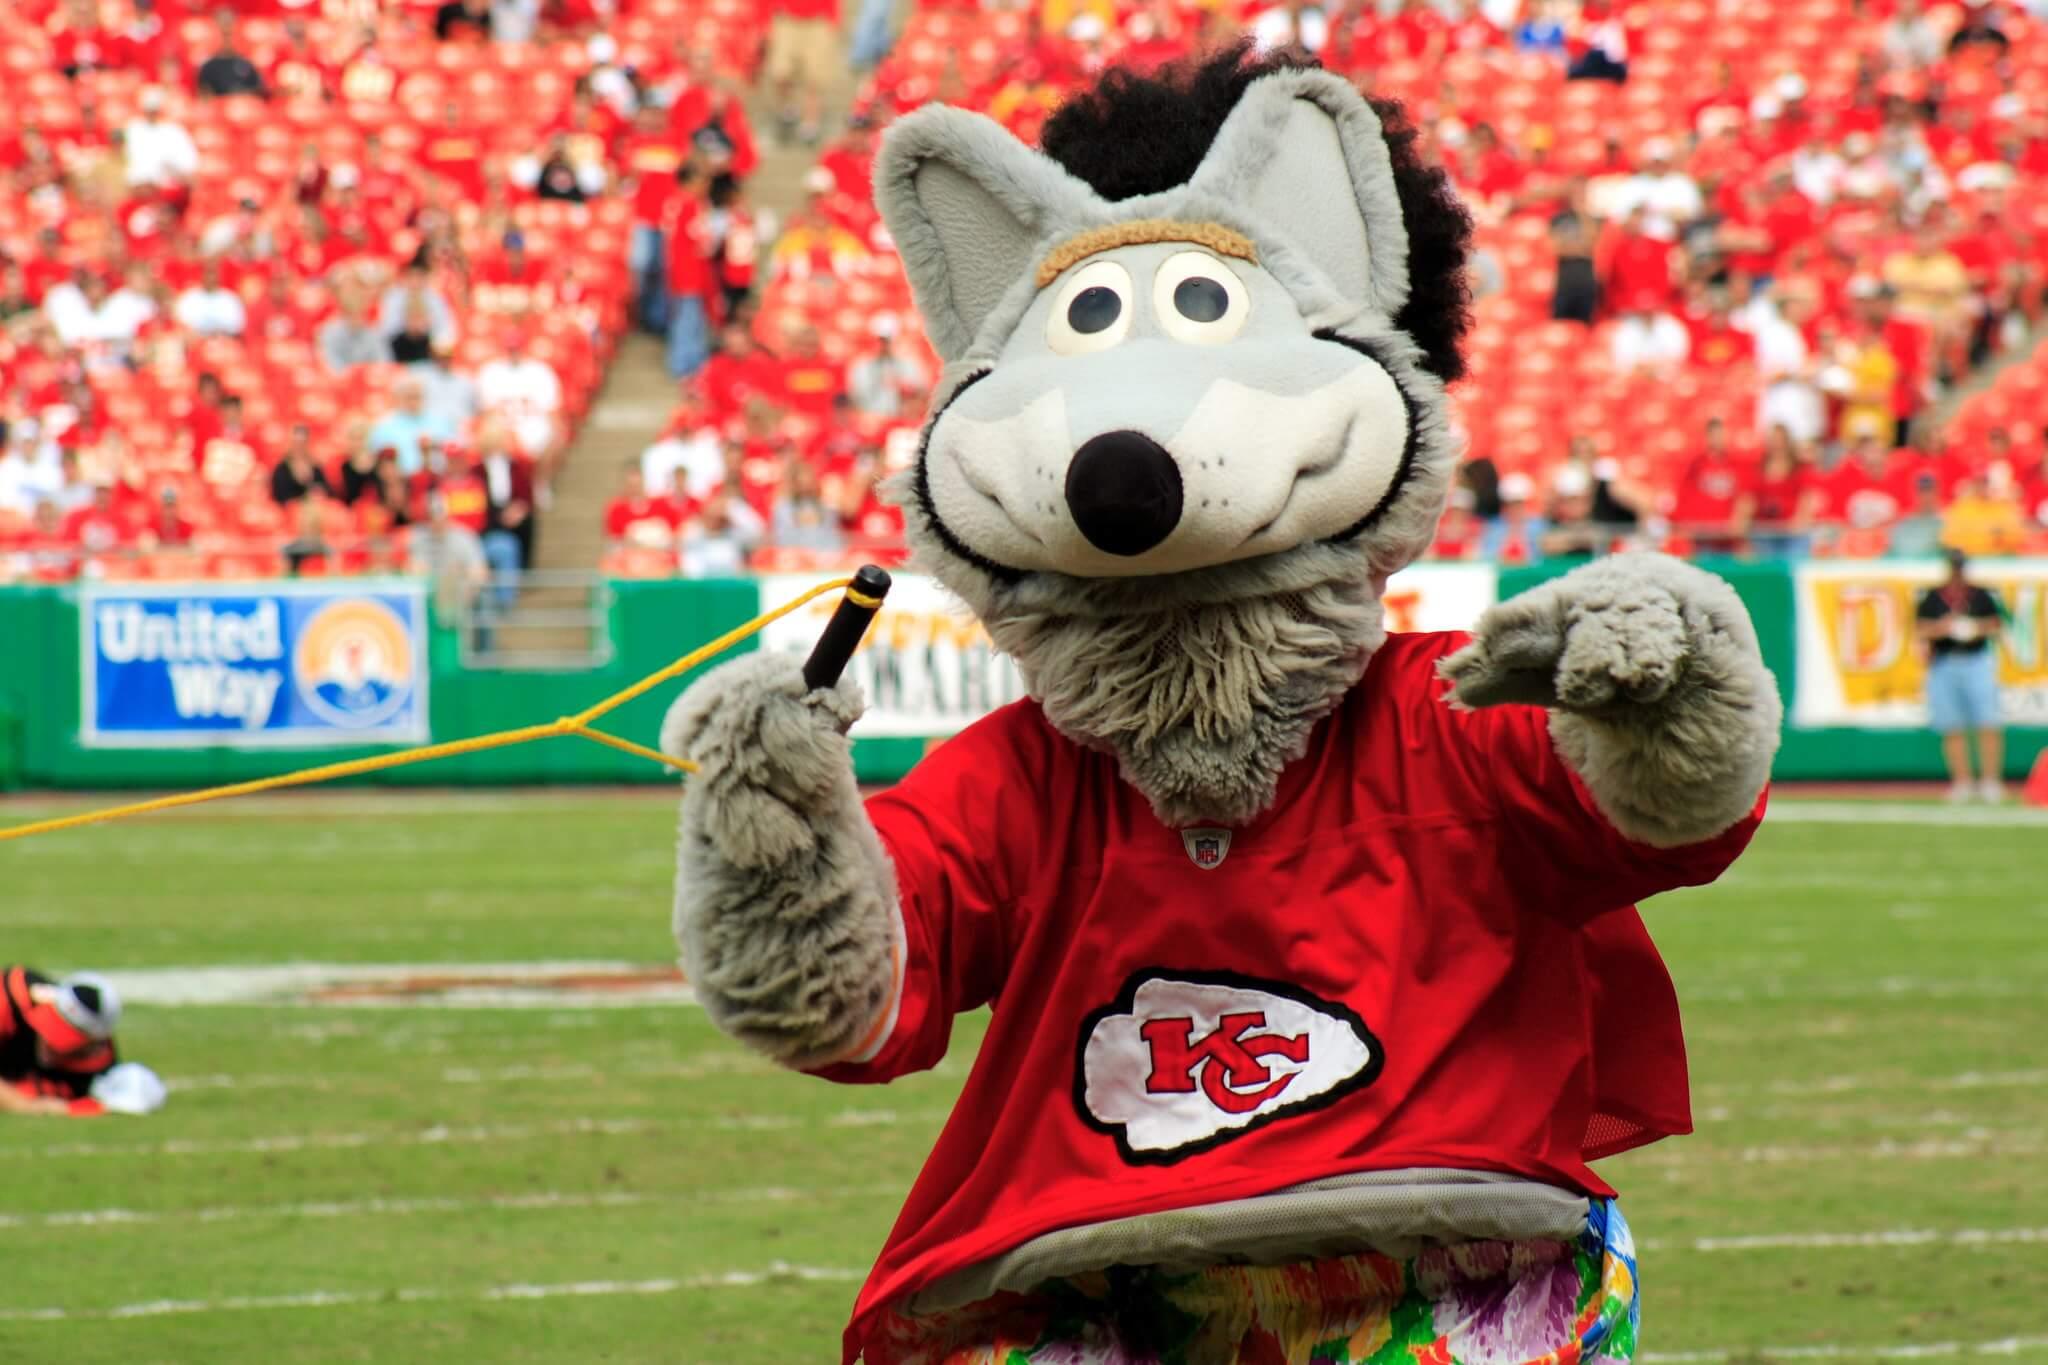 KC Wolf KC Chiefs mascot